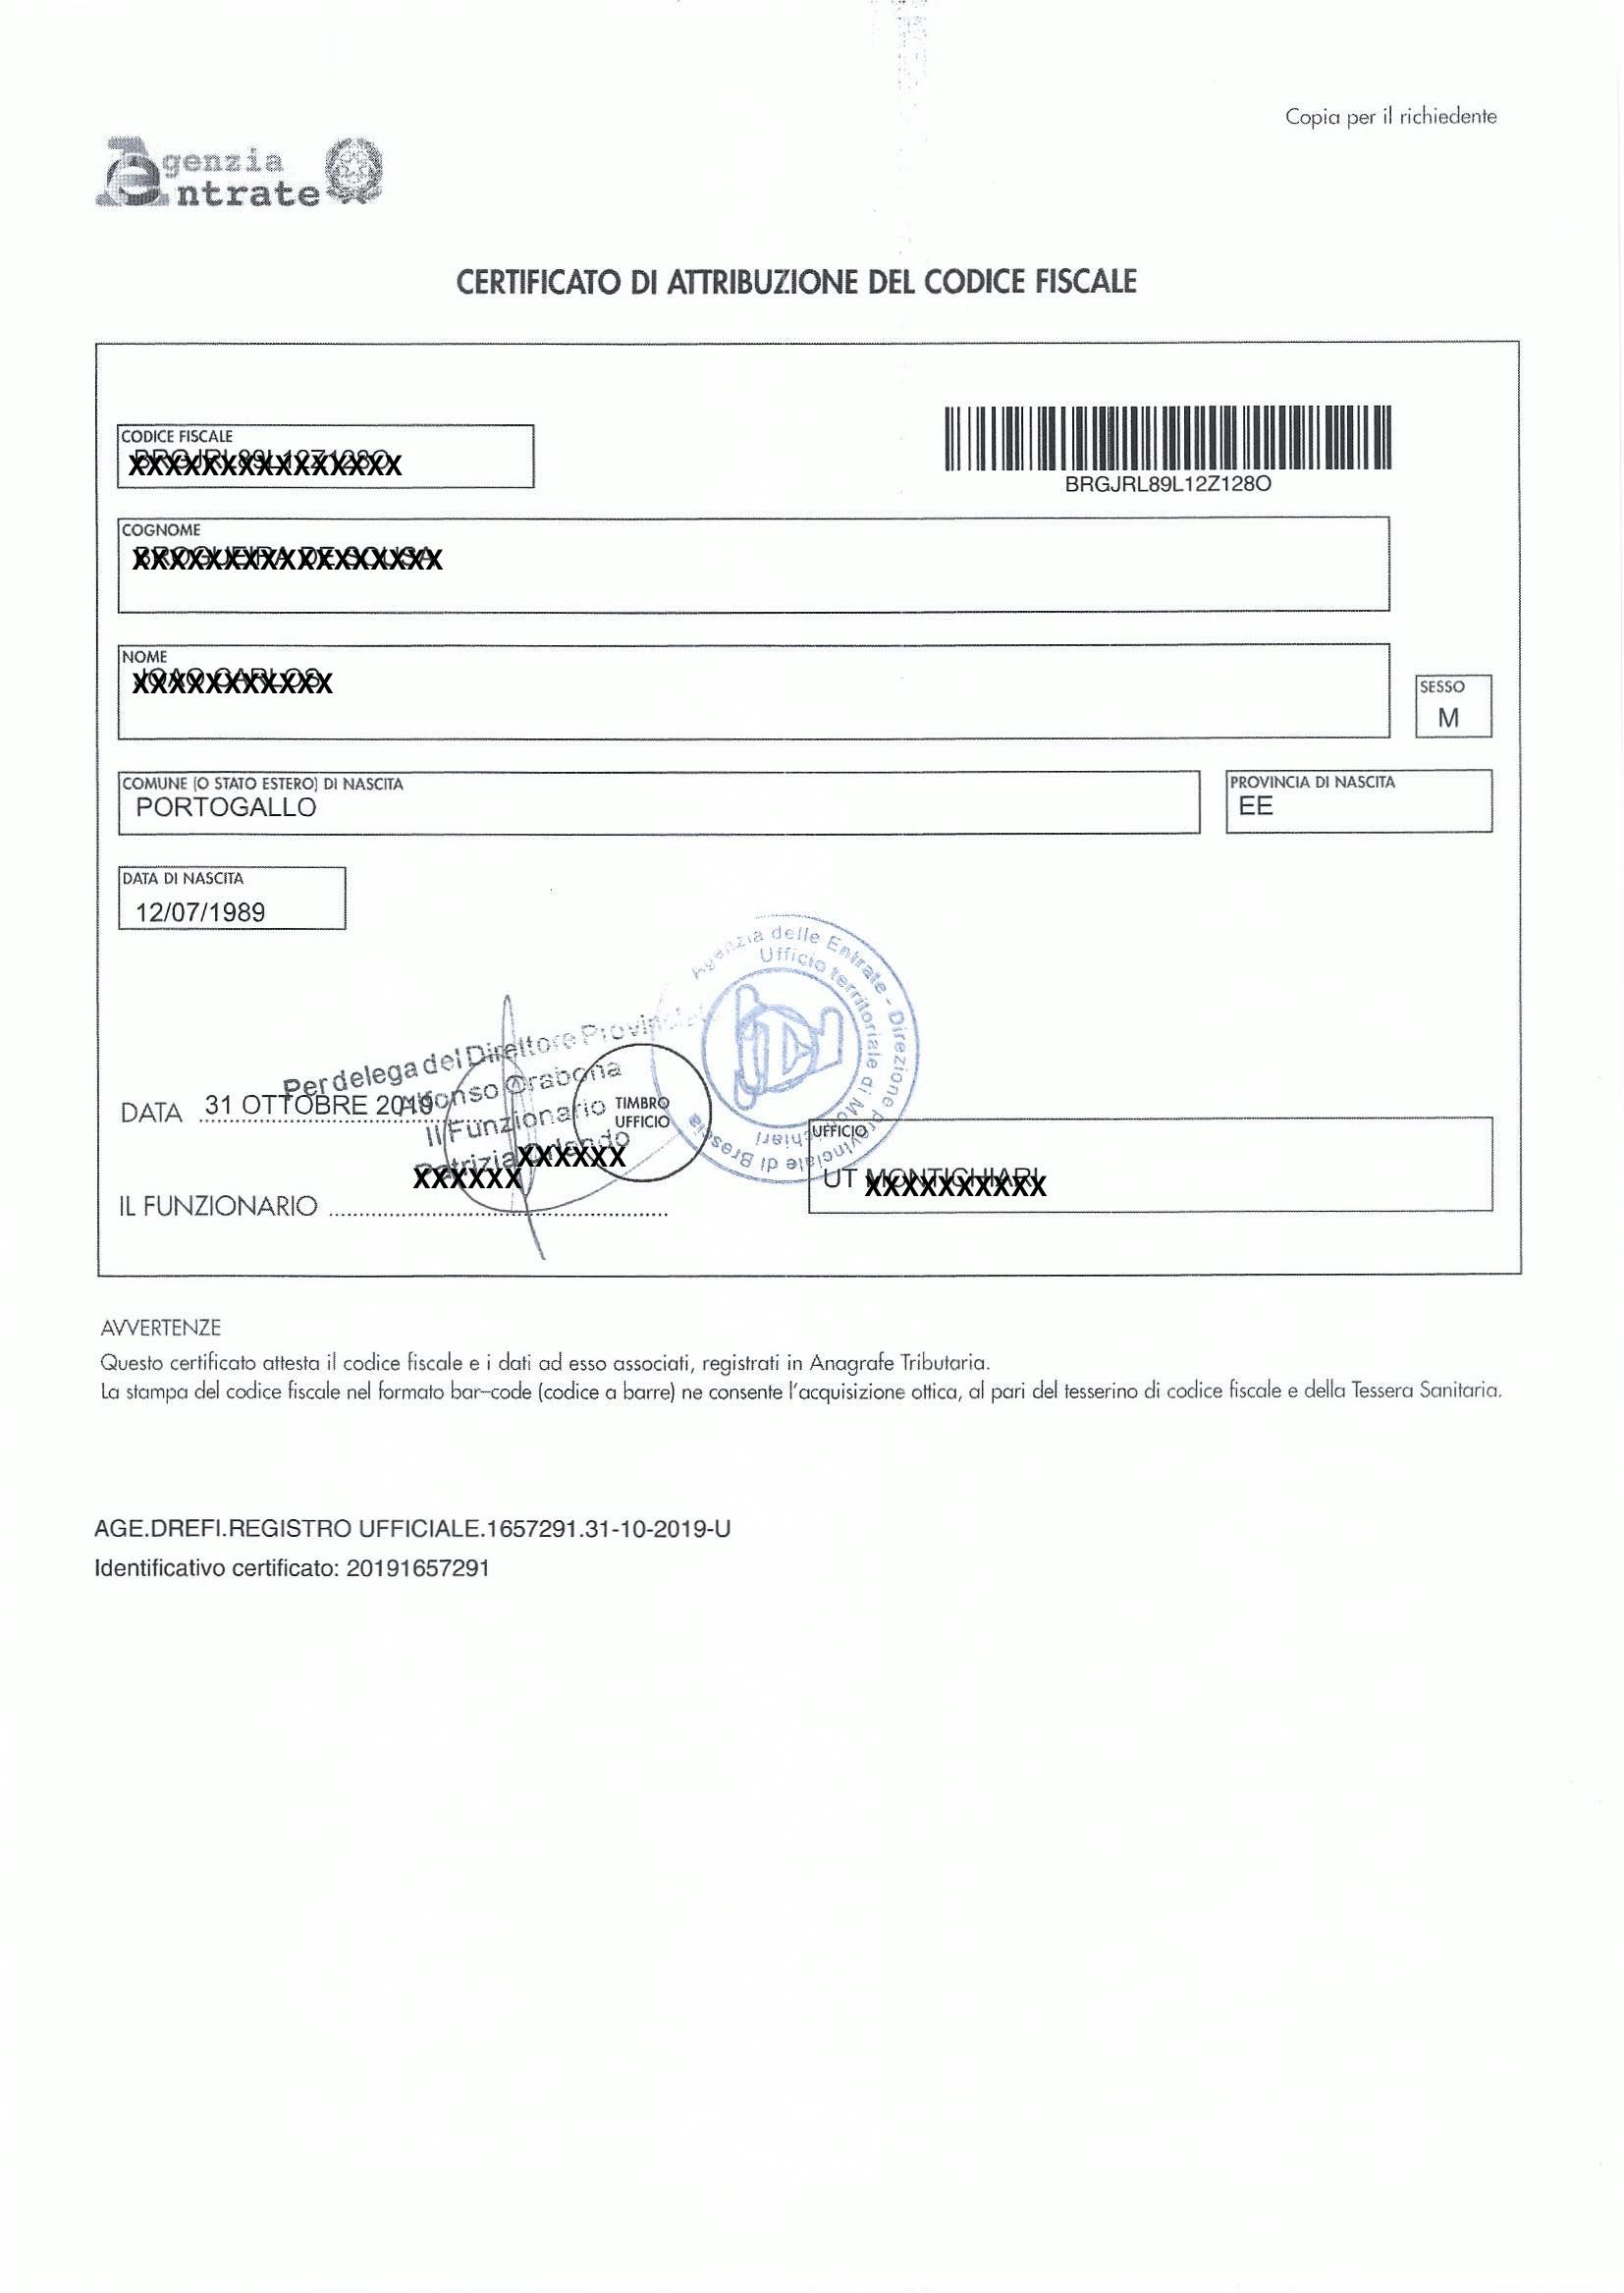 Certificato Attribuzione Codice Fiscale | STUDIO KANTZ & ASSOCIATI